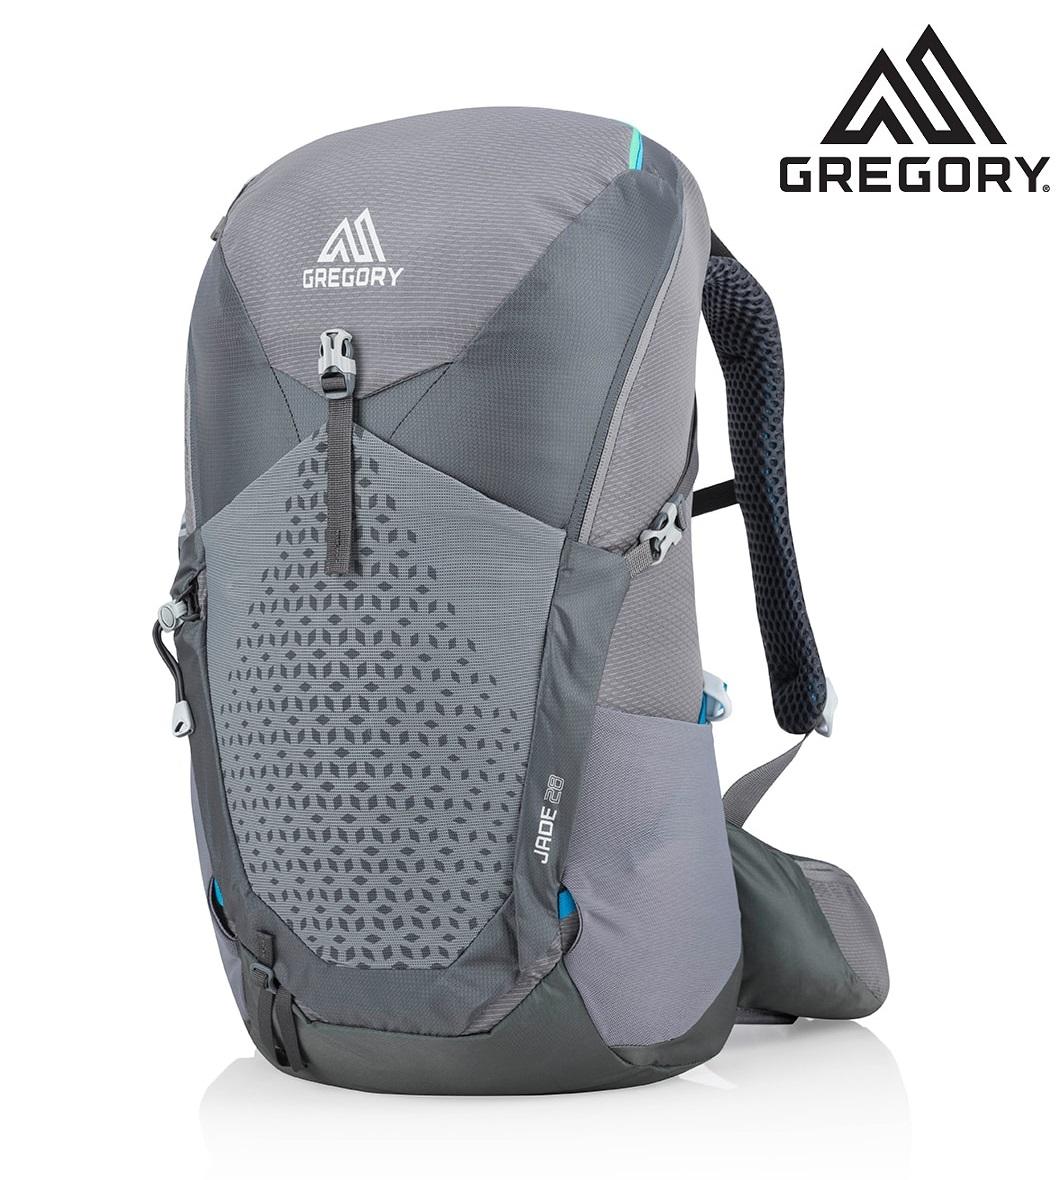 GREGORY (グレゴリー) レディース ジェイド28/JADE28/エーテルグレー/ザック/バックパック/登山/アウトドア